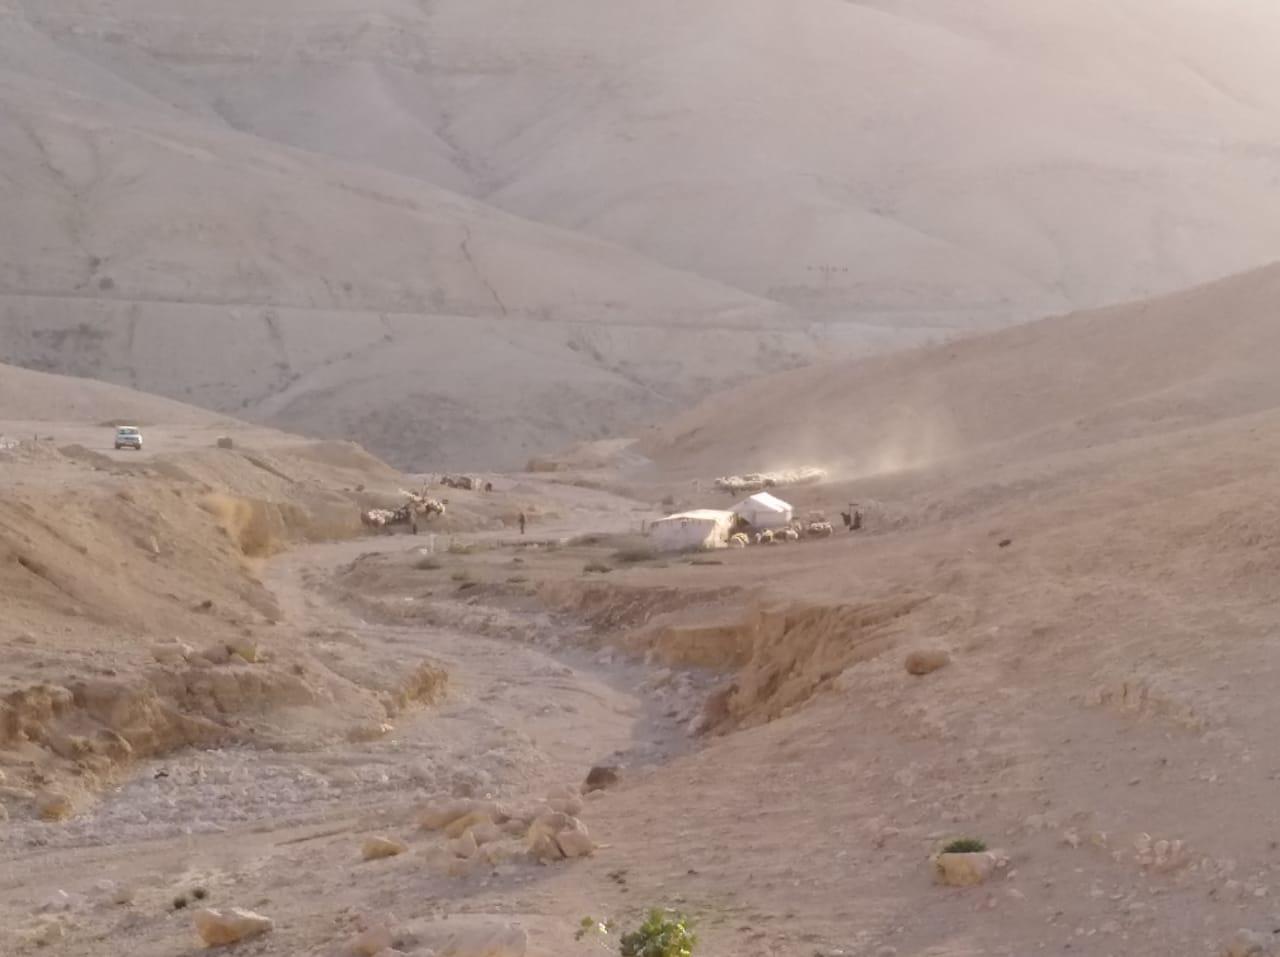 سكان خيم وأغنامهم على جانب الأودية يناشدون الجهات المعنية لنقلهم بمادبا